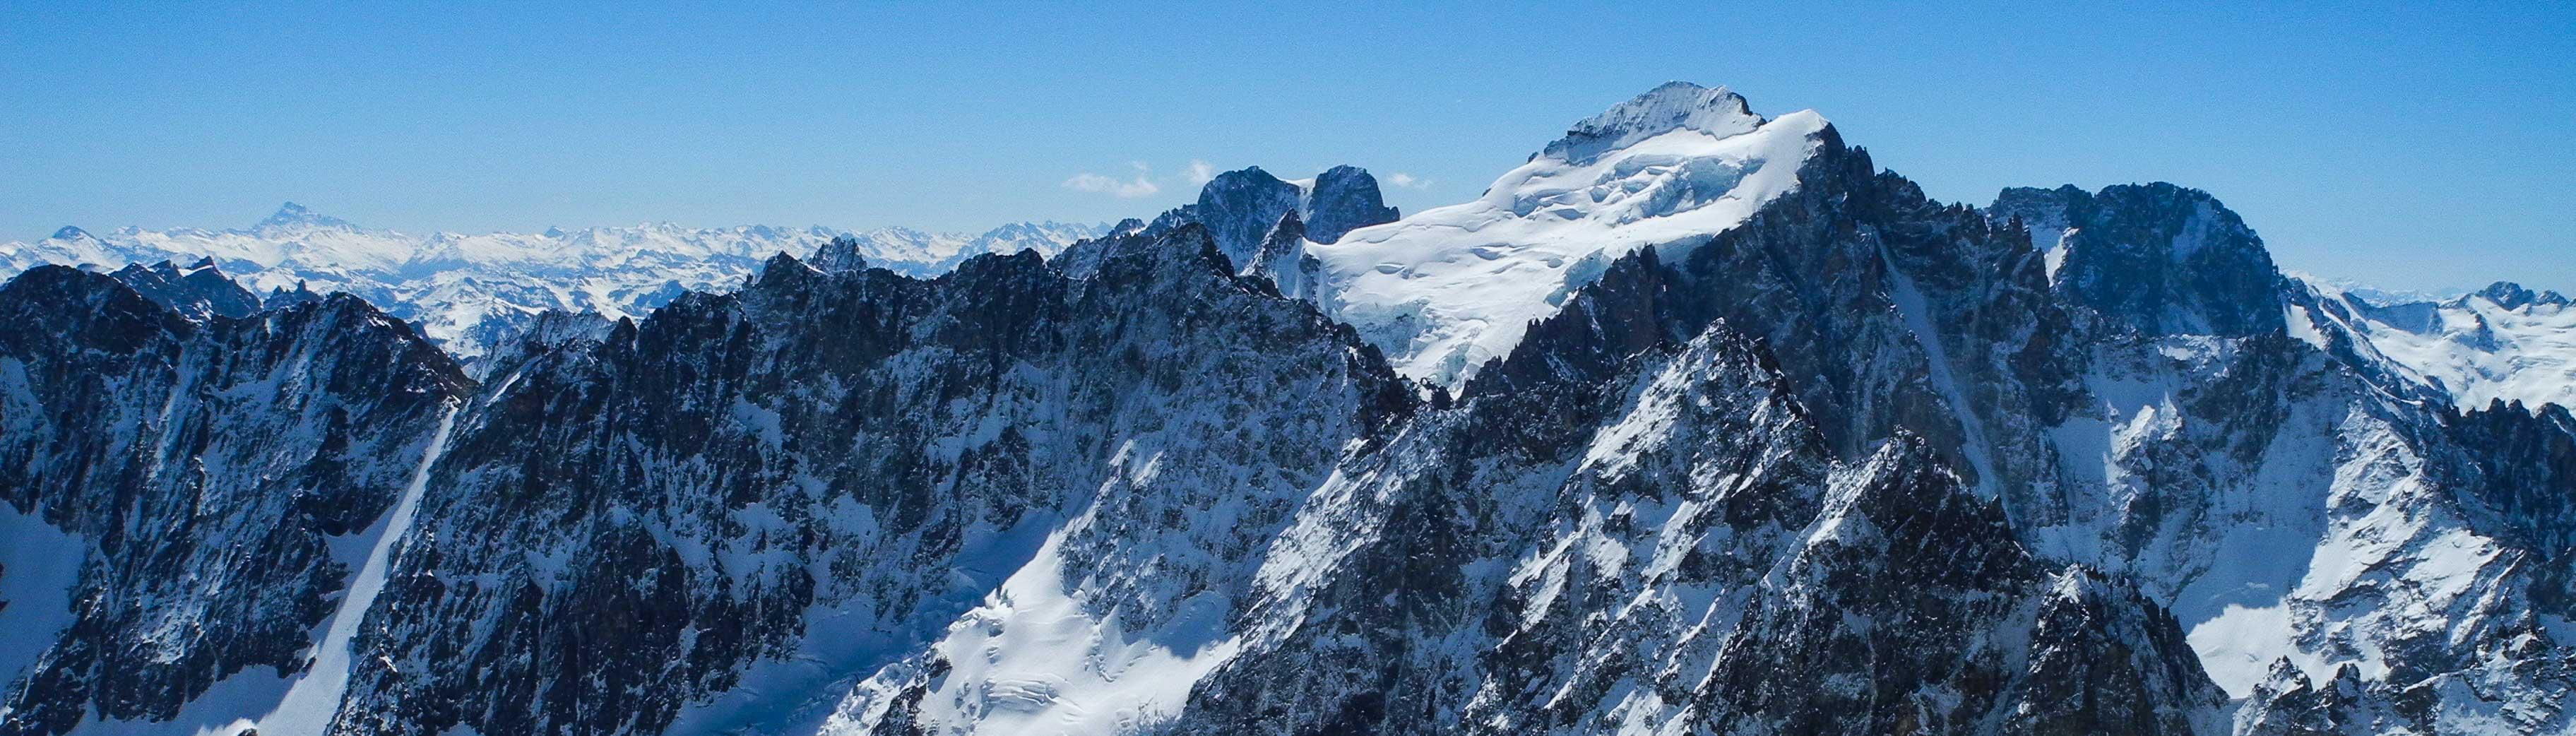 Skitour Dauphine